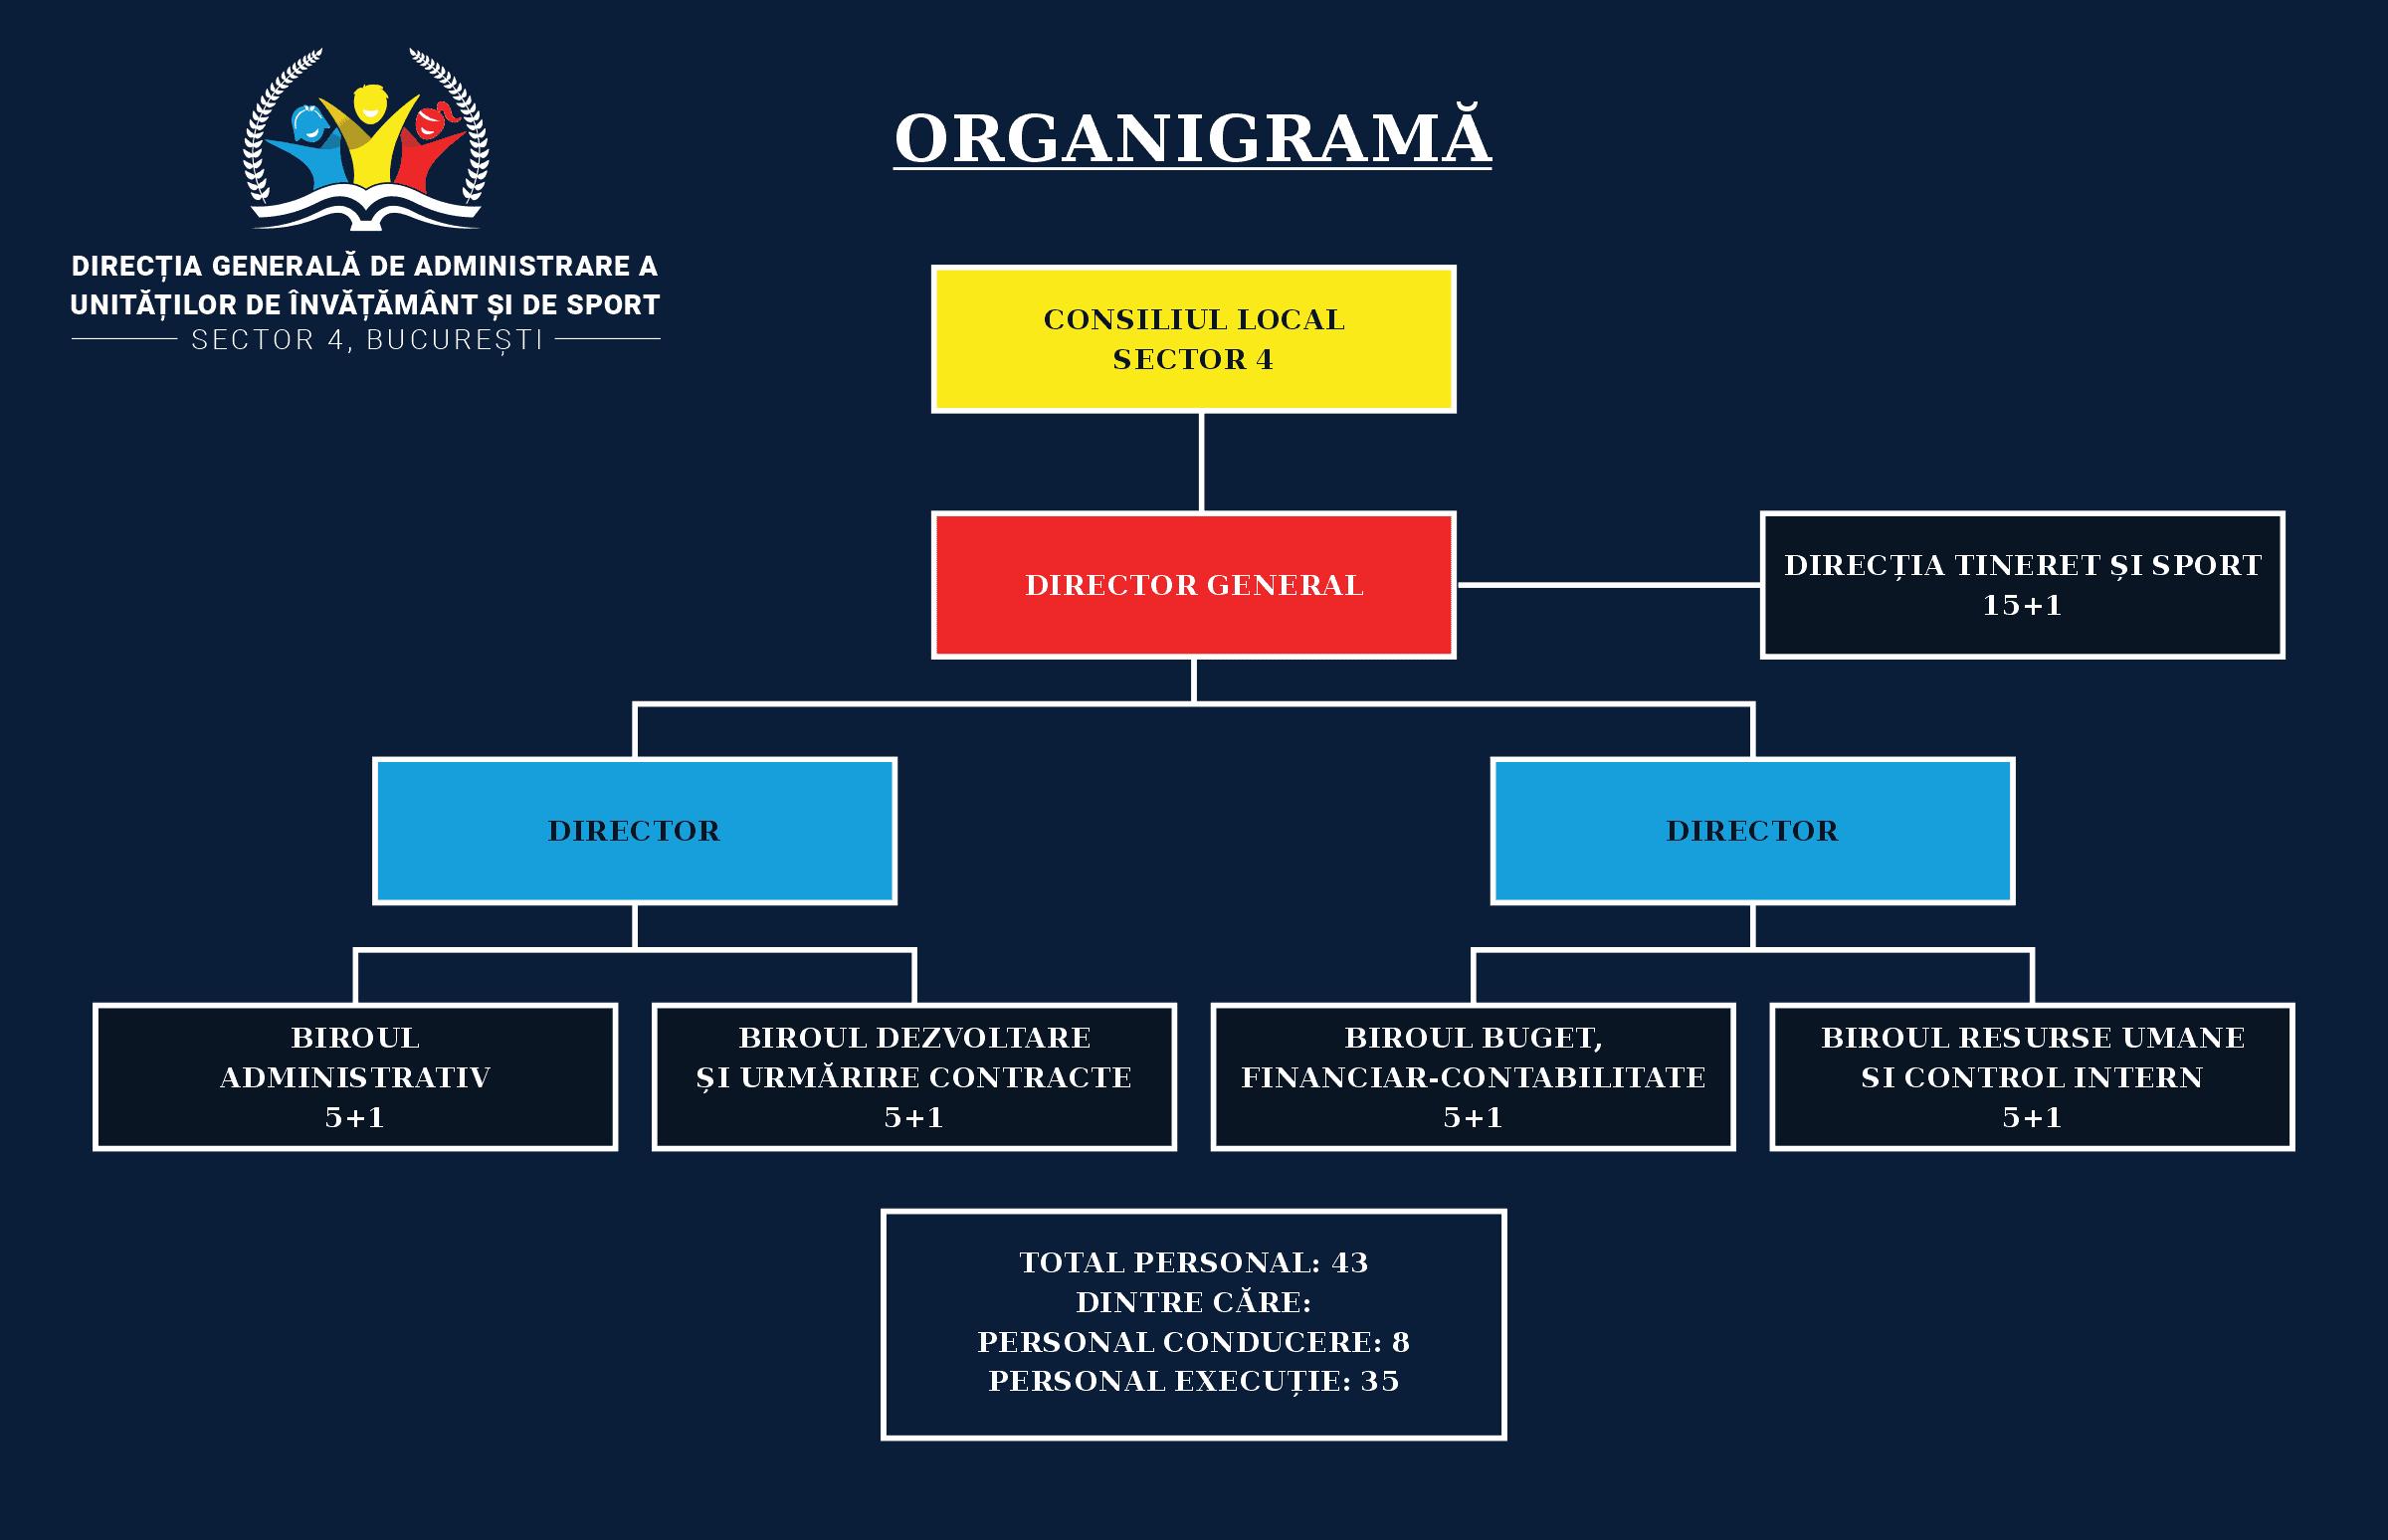 Organigrama-DGAUIS